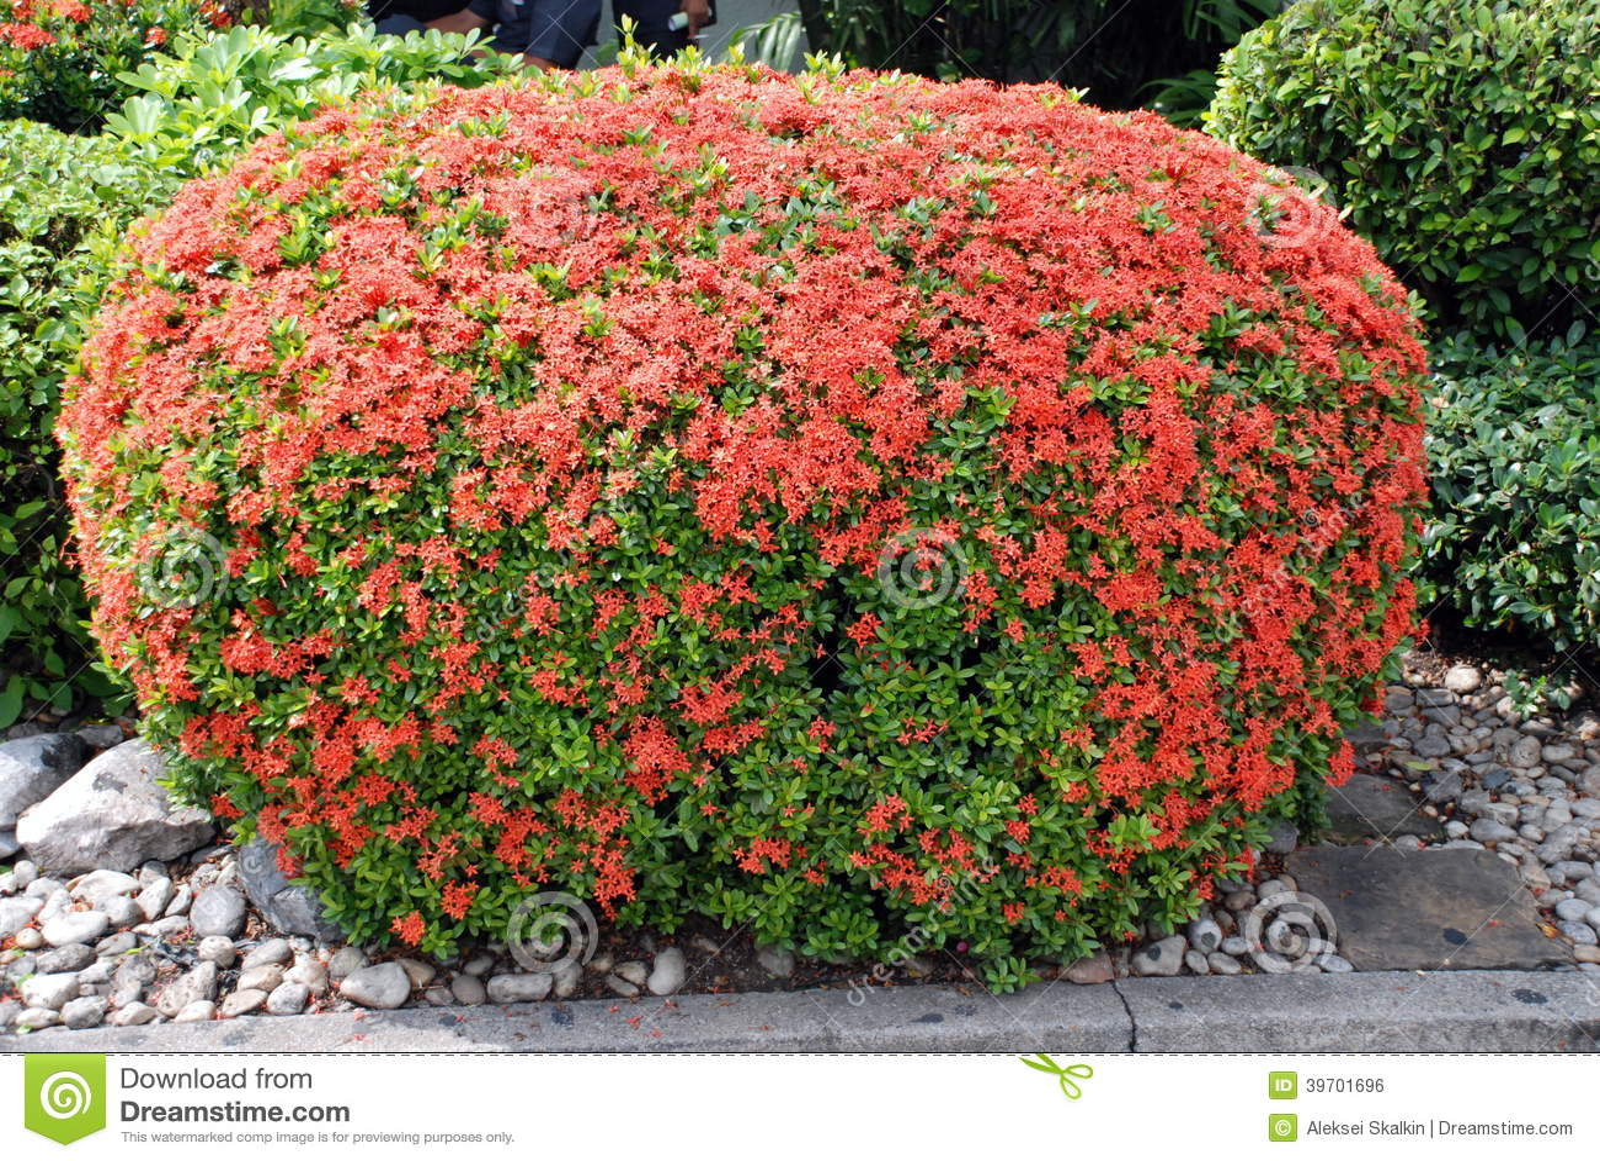 Arbusto verde maravillosamente manicured con las flores for Arbustos para jardin con flores